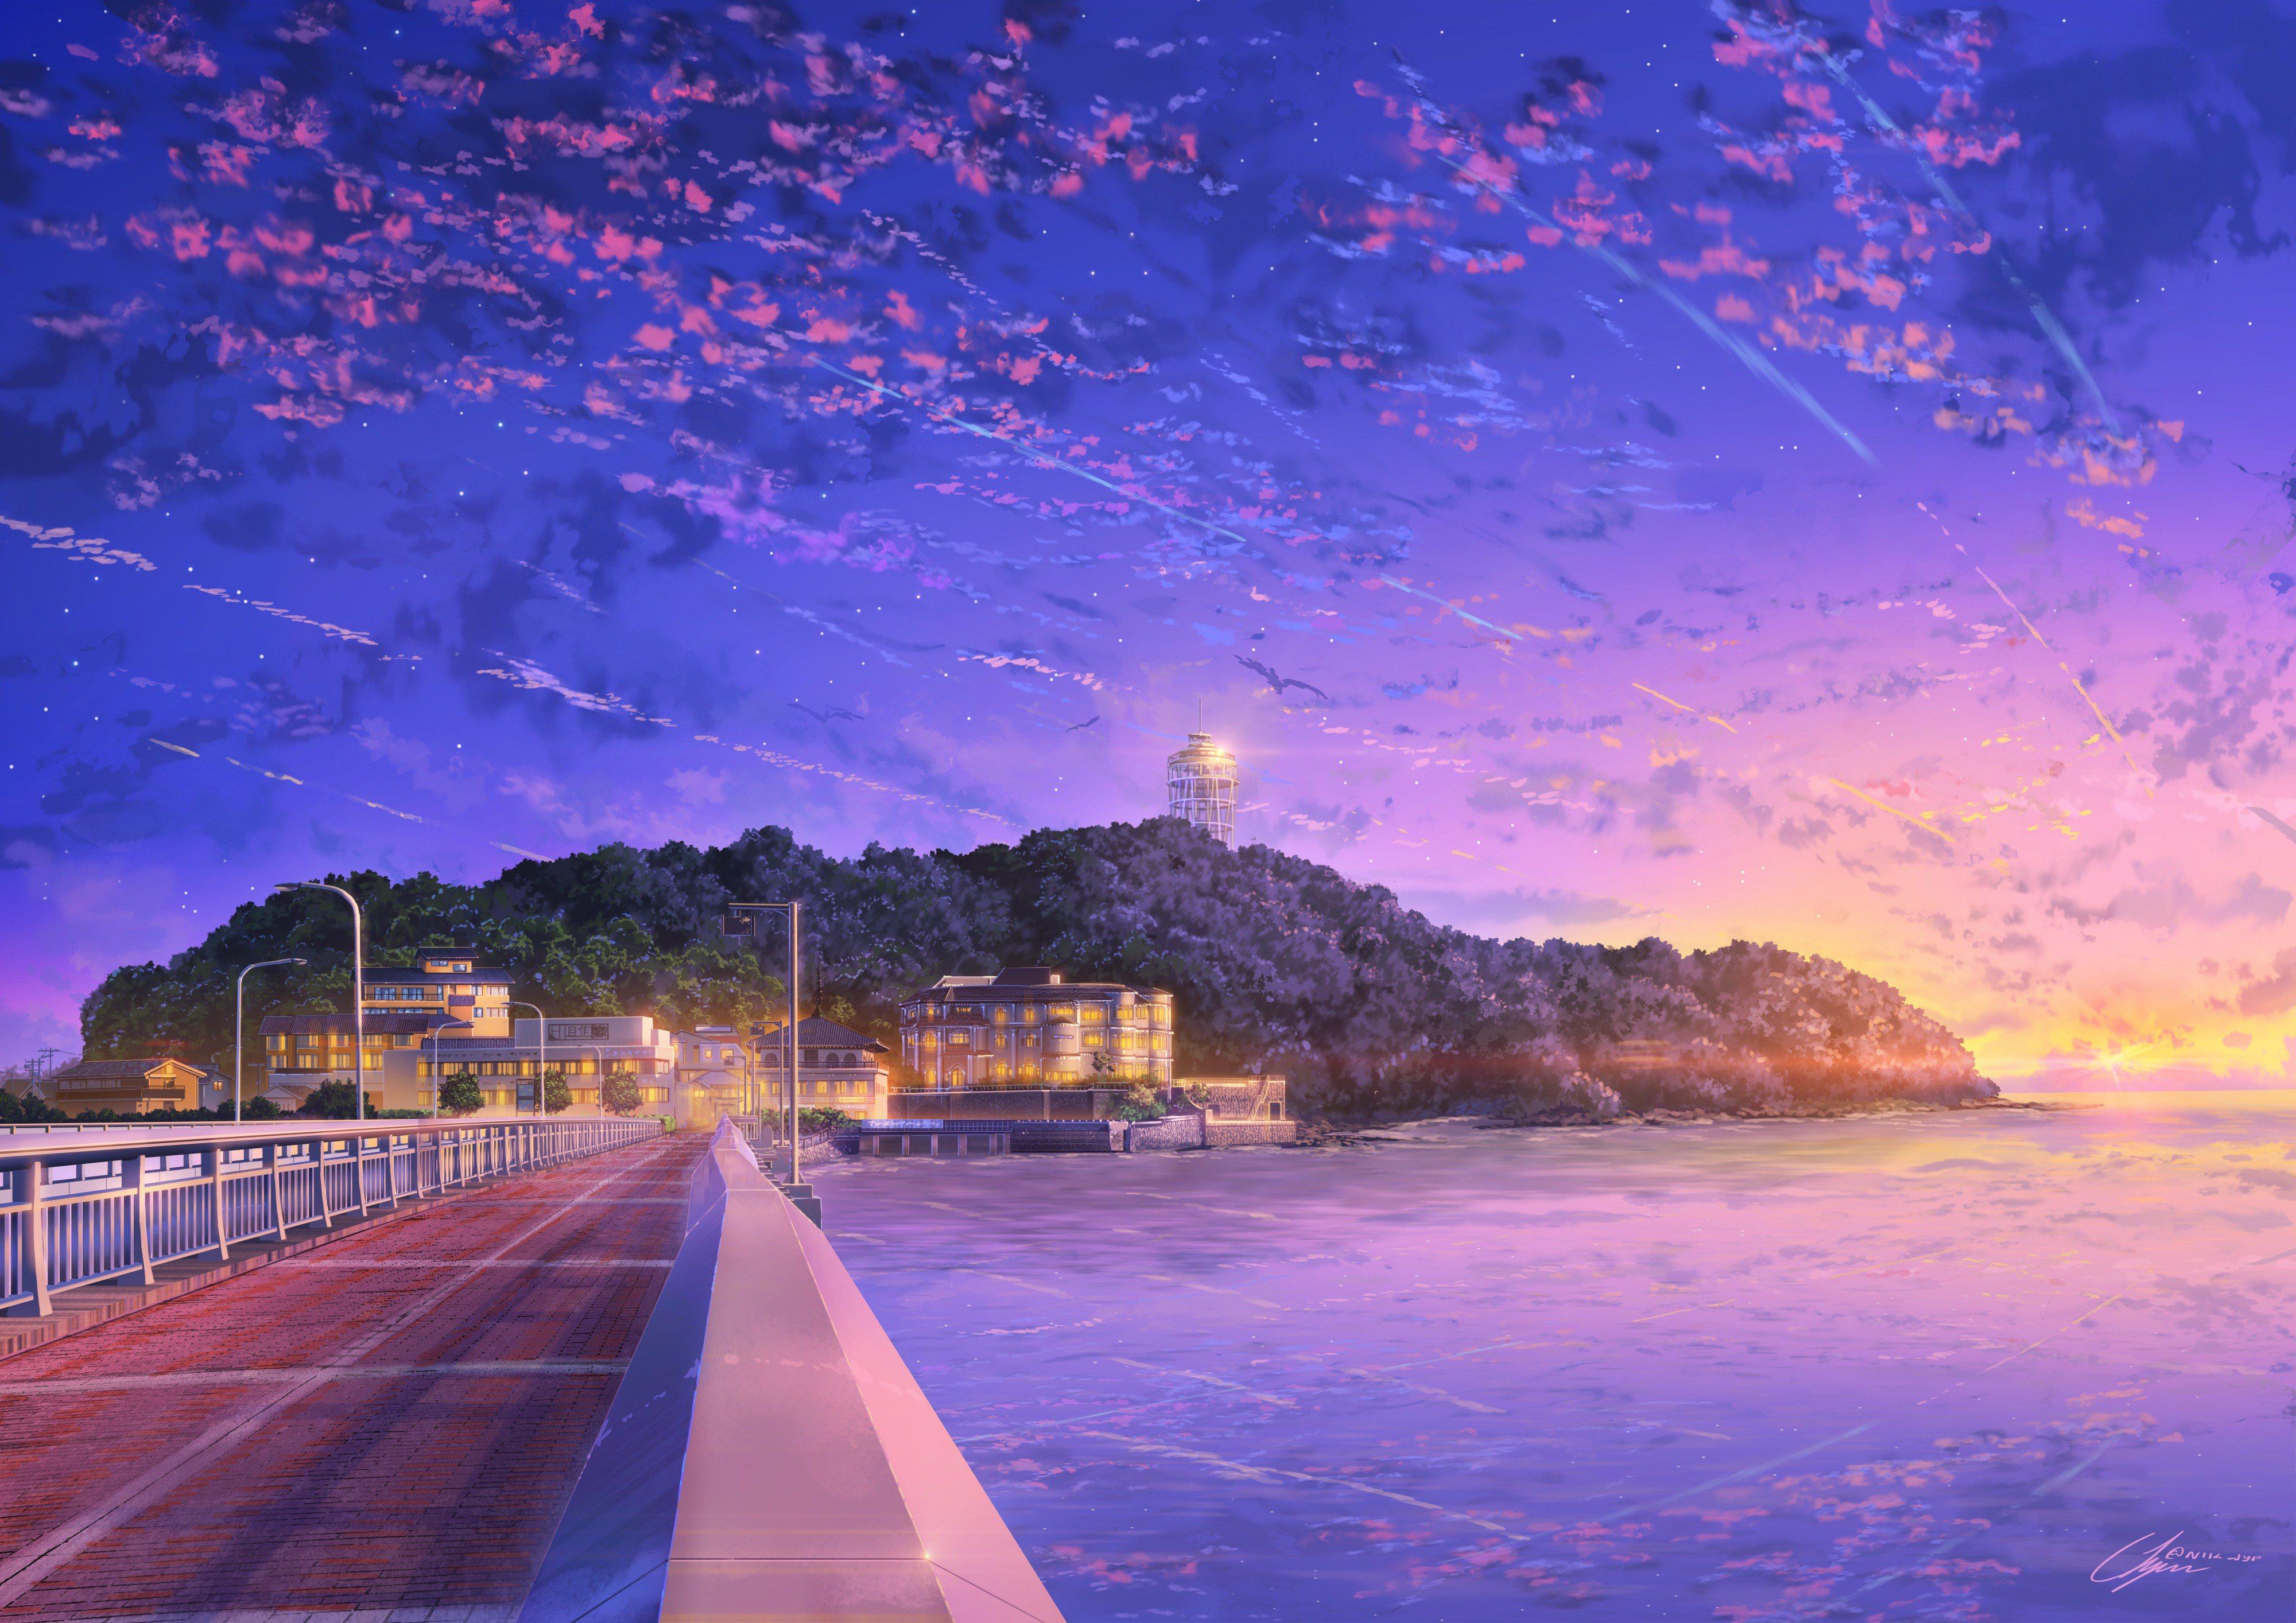 Anime Sky Wallpaper Posted By John Walker